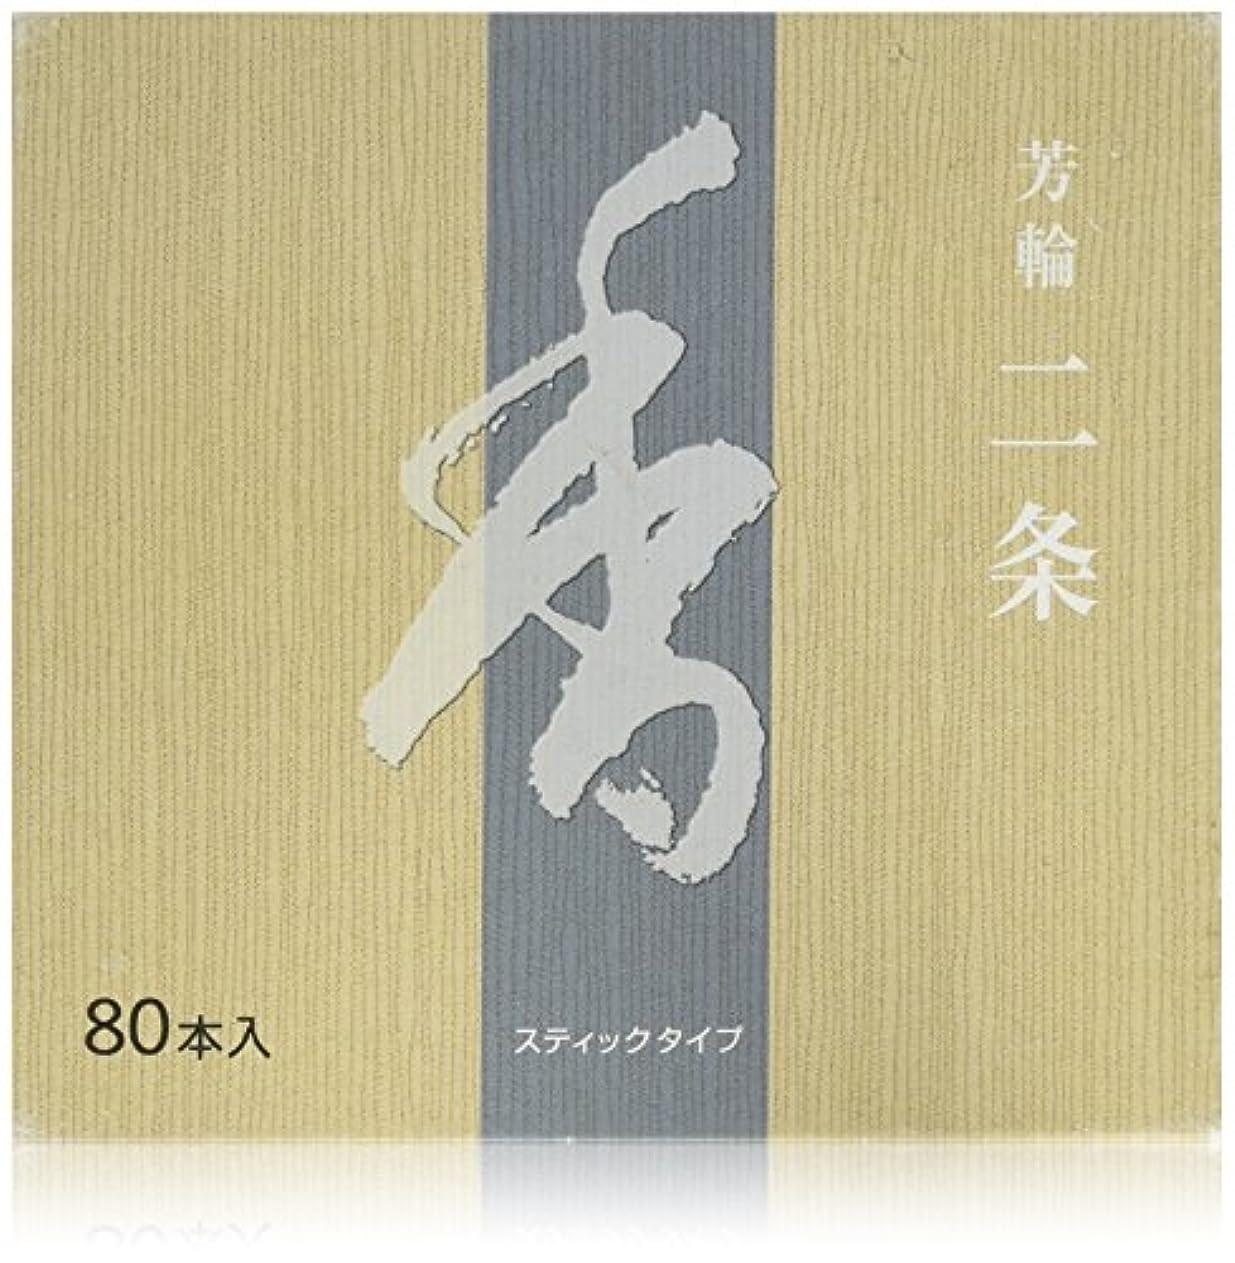 イタリック弓変数松栄堂のお香 芳輪二条 ST徳用80本入 簡易香立付 #210124